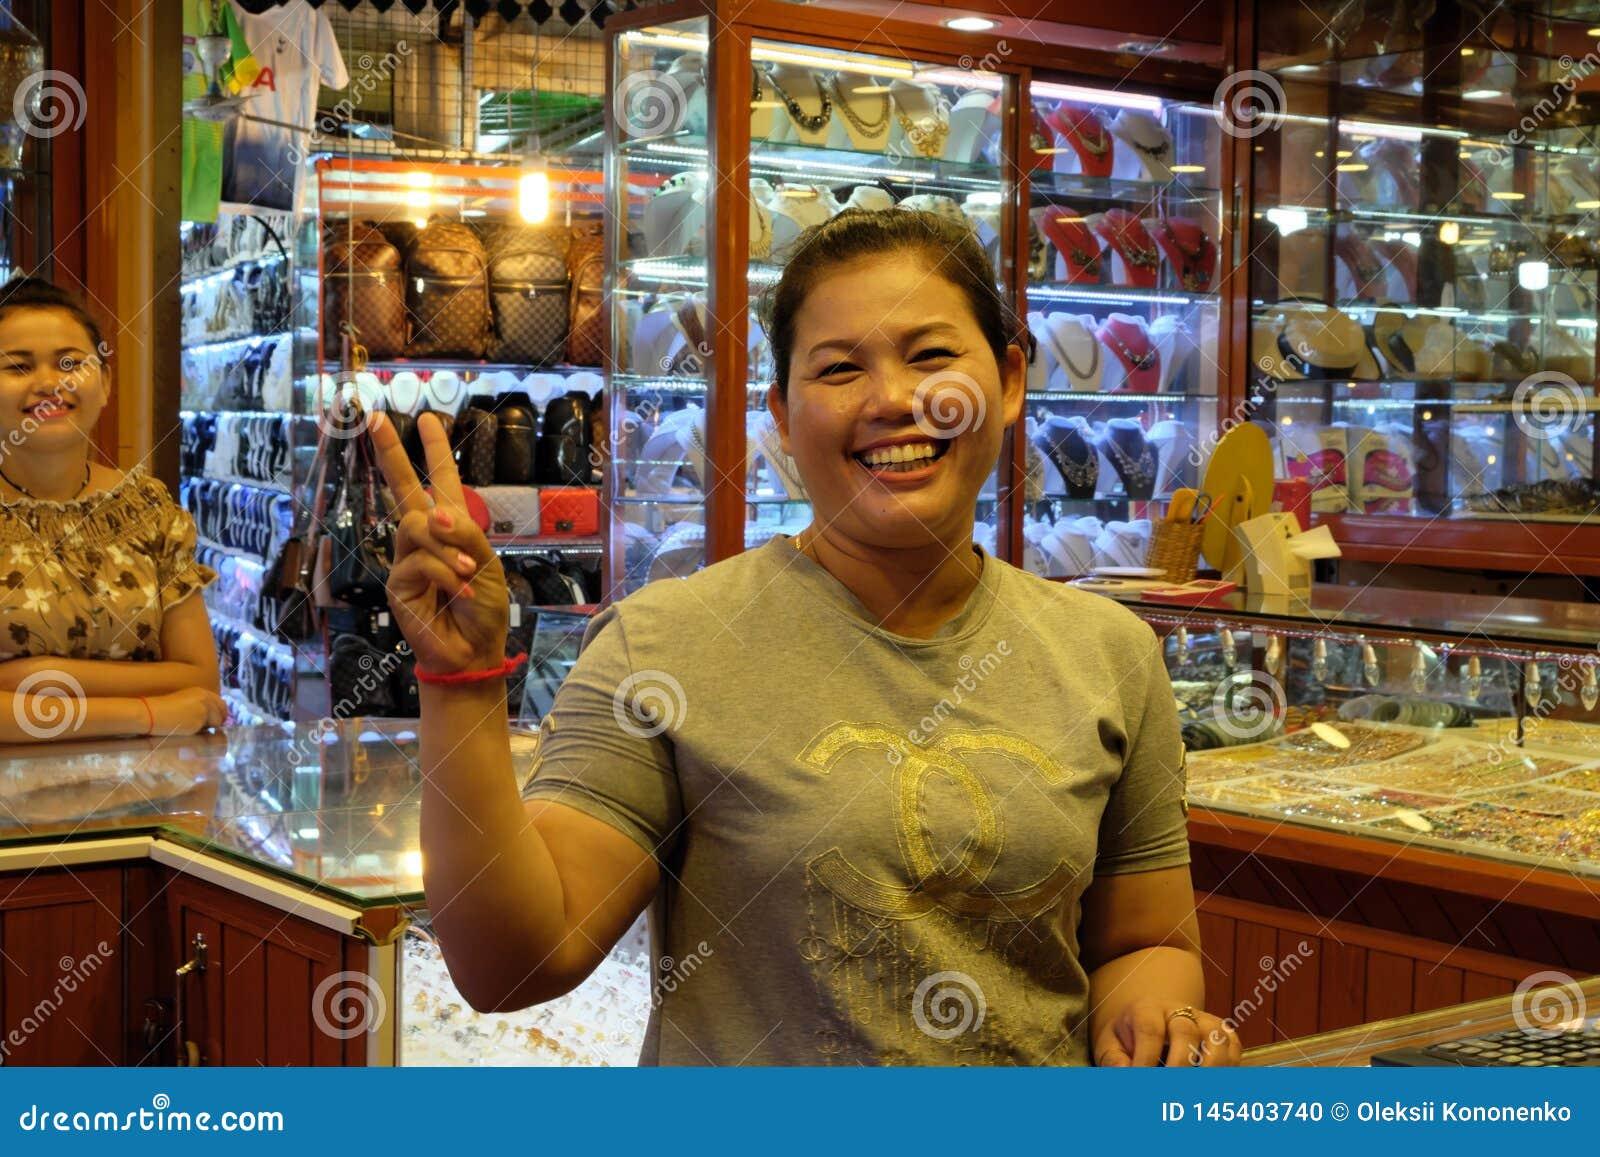 Femme asiatique souriant et faisant des gestes, vendeur de bijoux